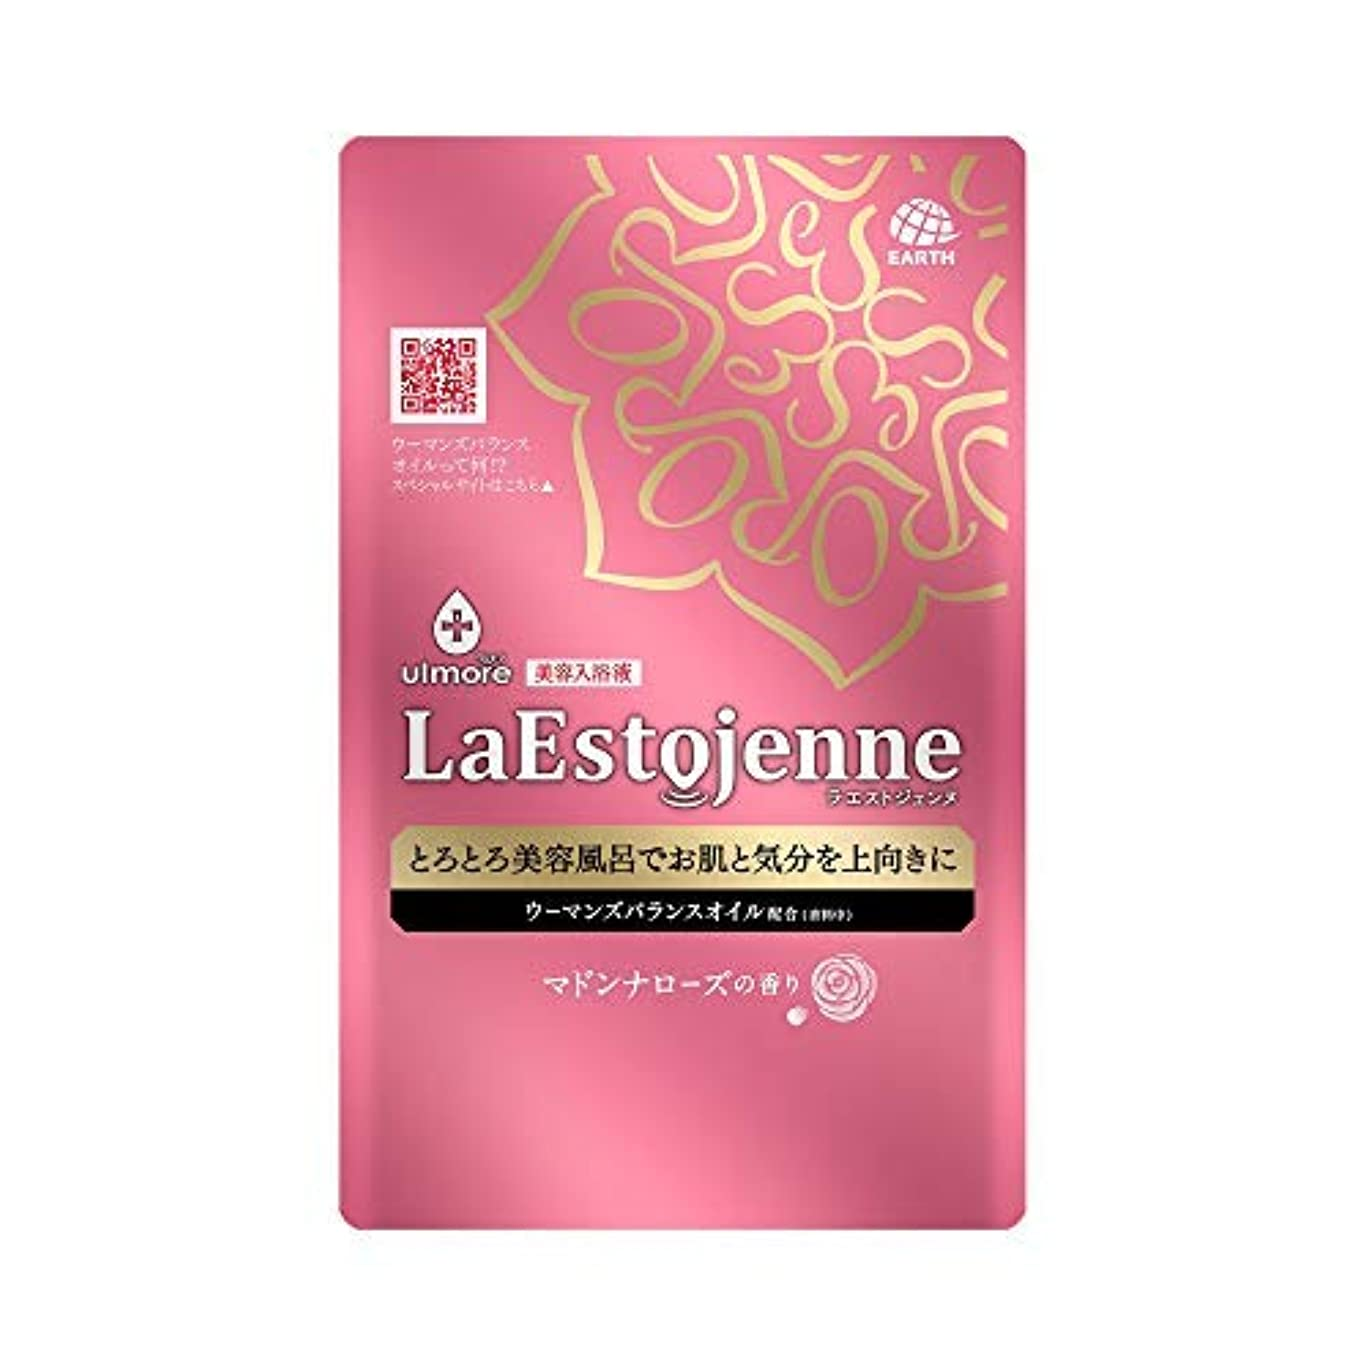 蒸留無視する復讐ウルモア ラエストジェンヌ マドンナローズの香り 1包 × 2個セット